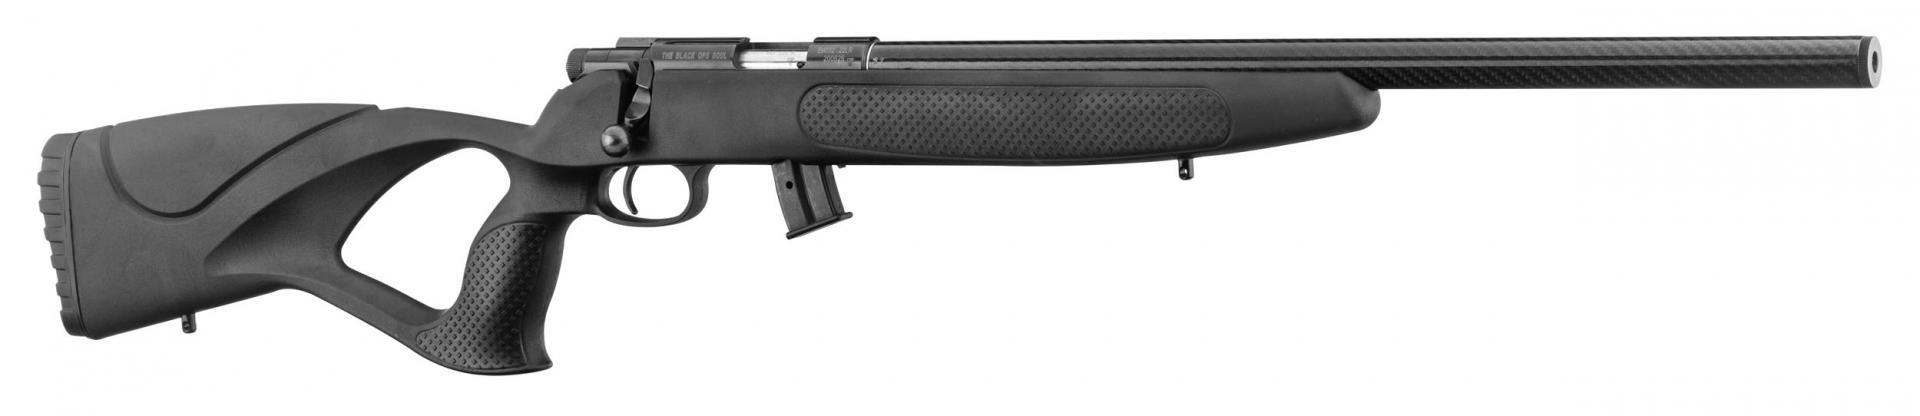 Cr501s